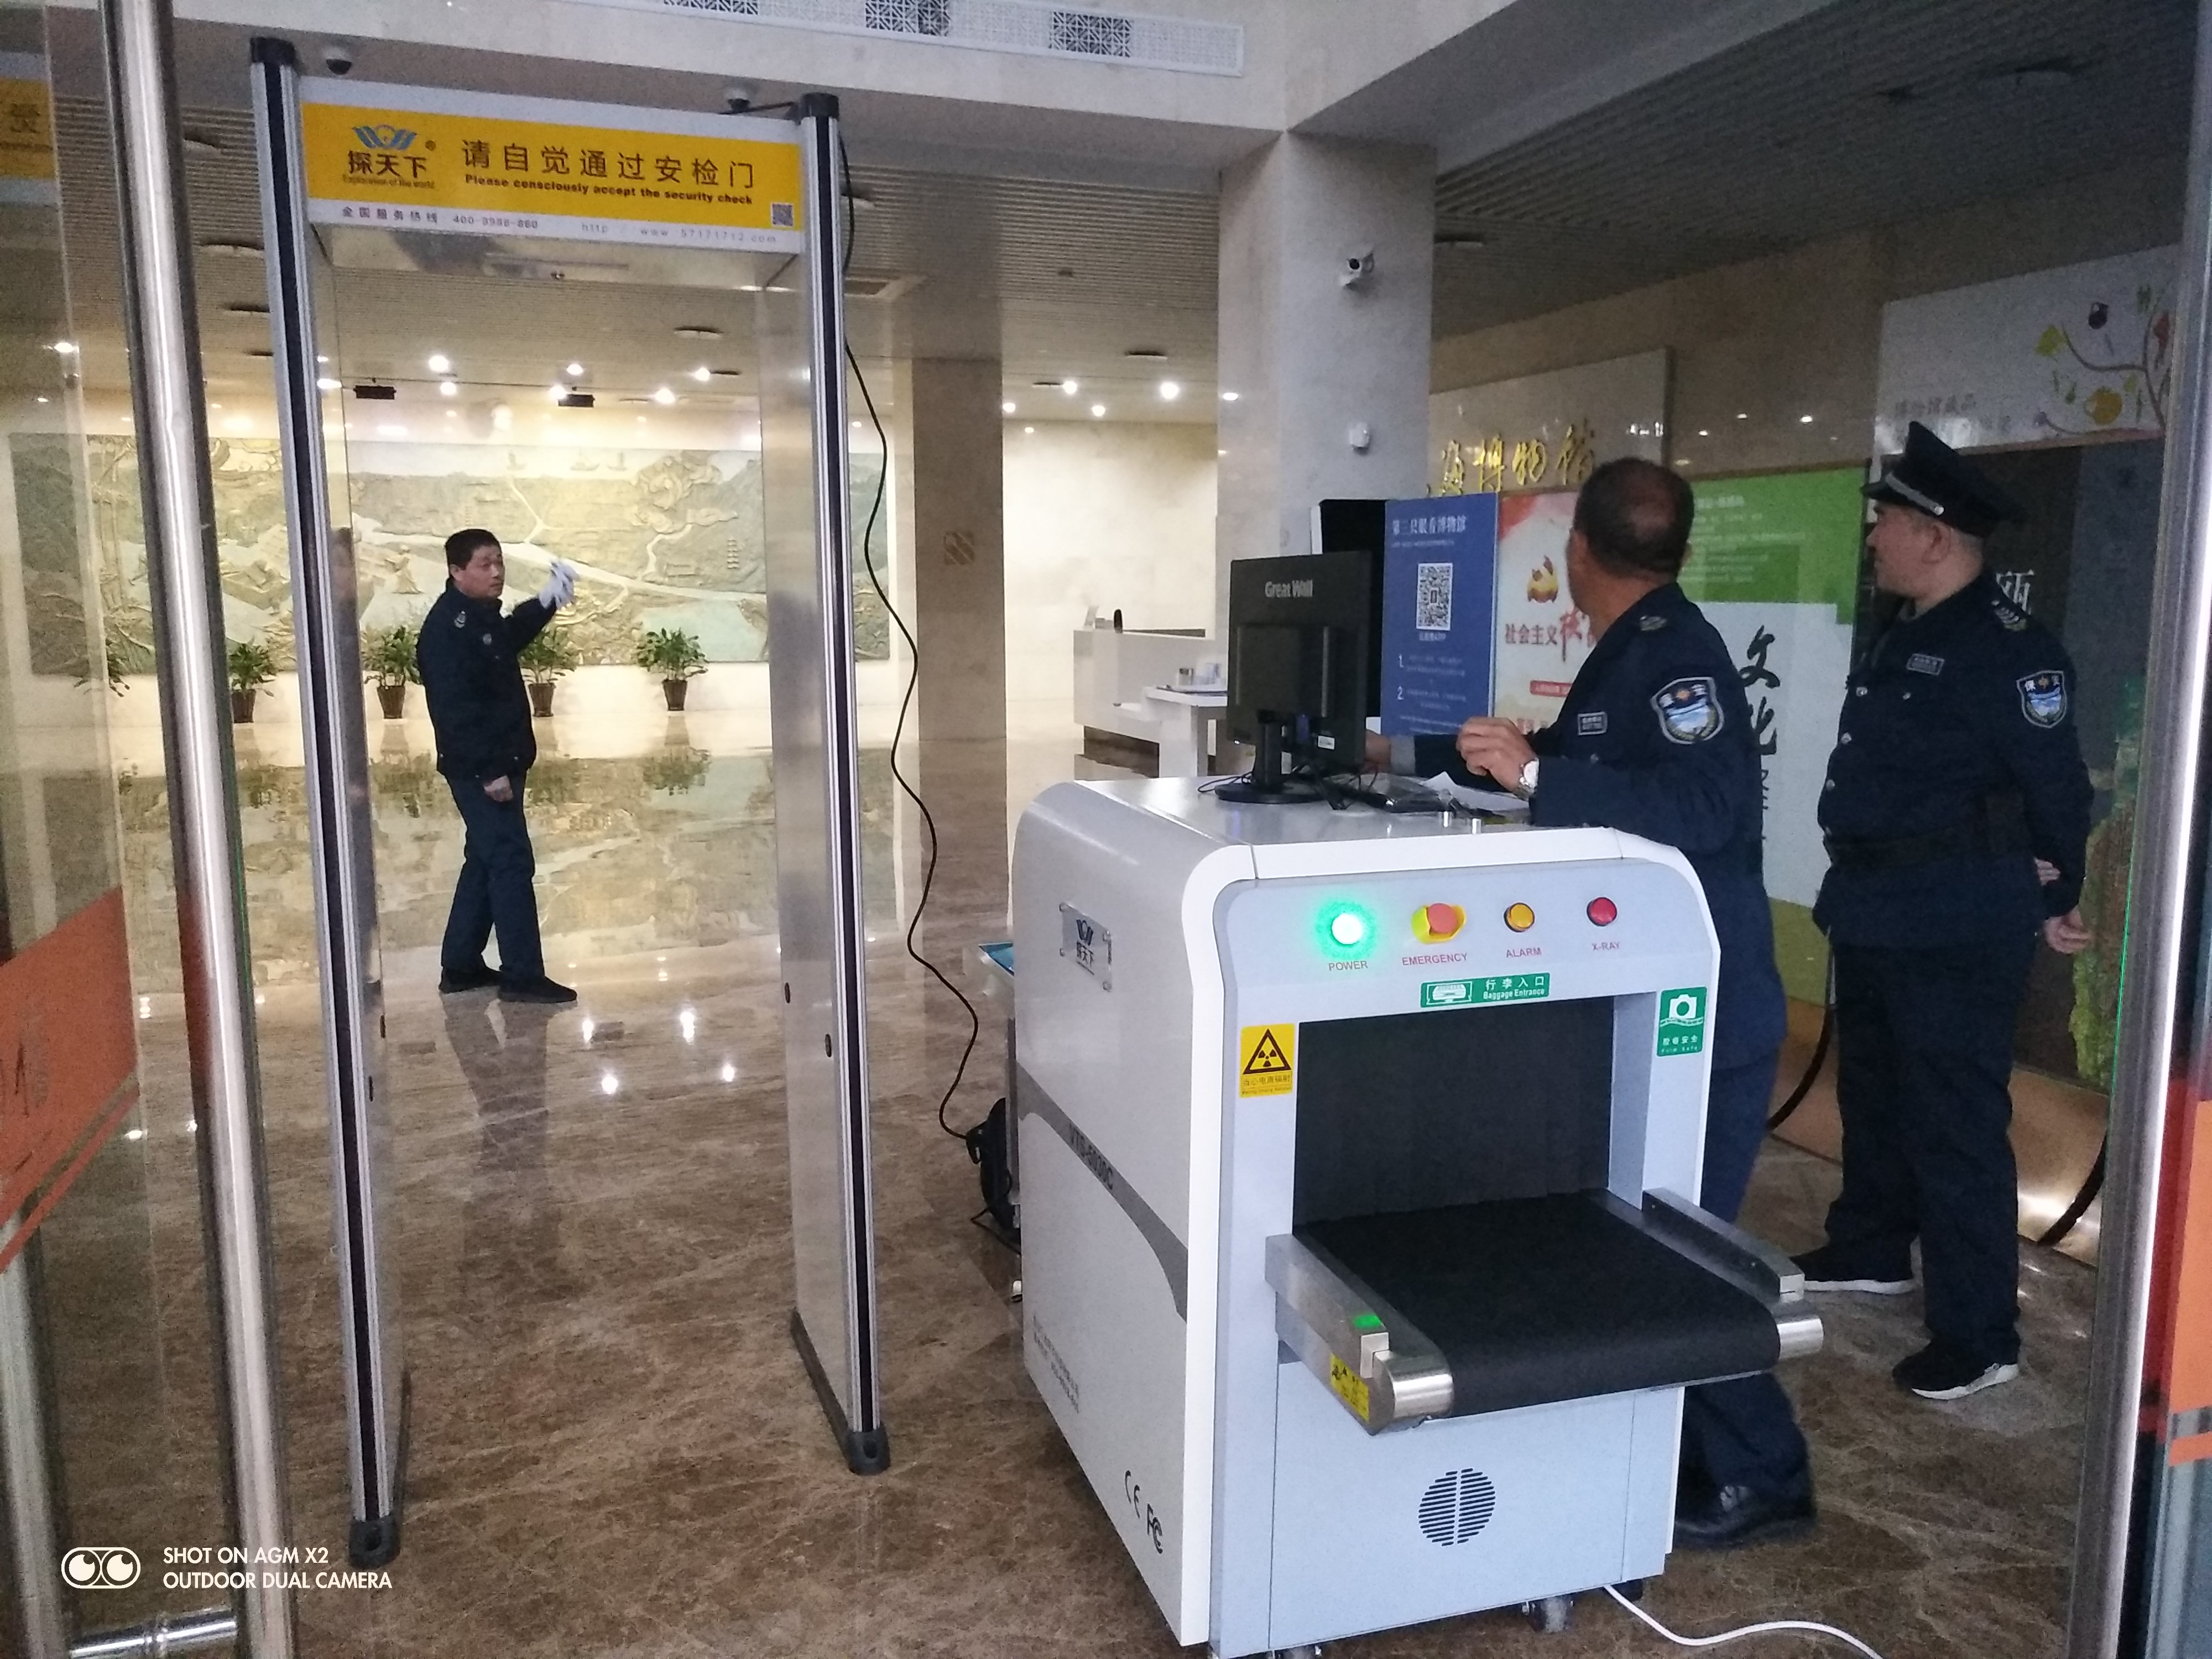 2019.12 温州瓯海博物馆 5030C+600B.jpg